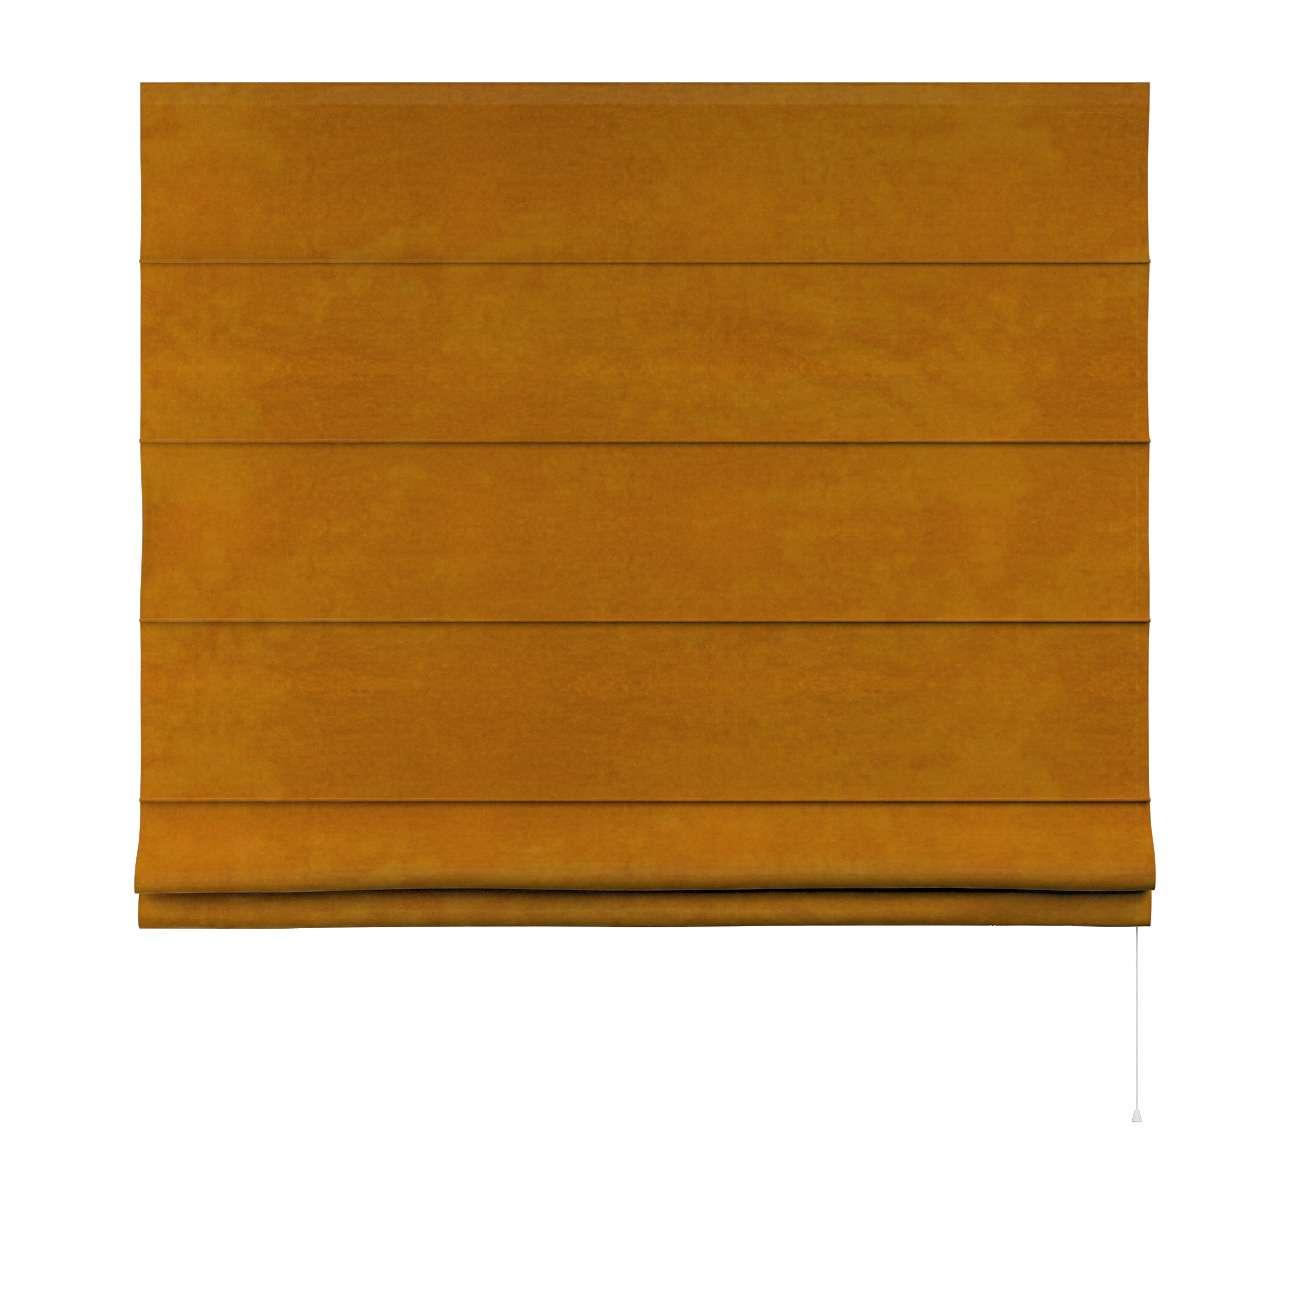 Romanetės Billie kolekcijoje Posh Velvet, audinys: 704-23